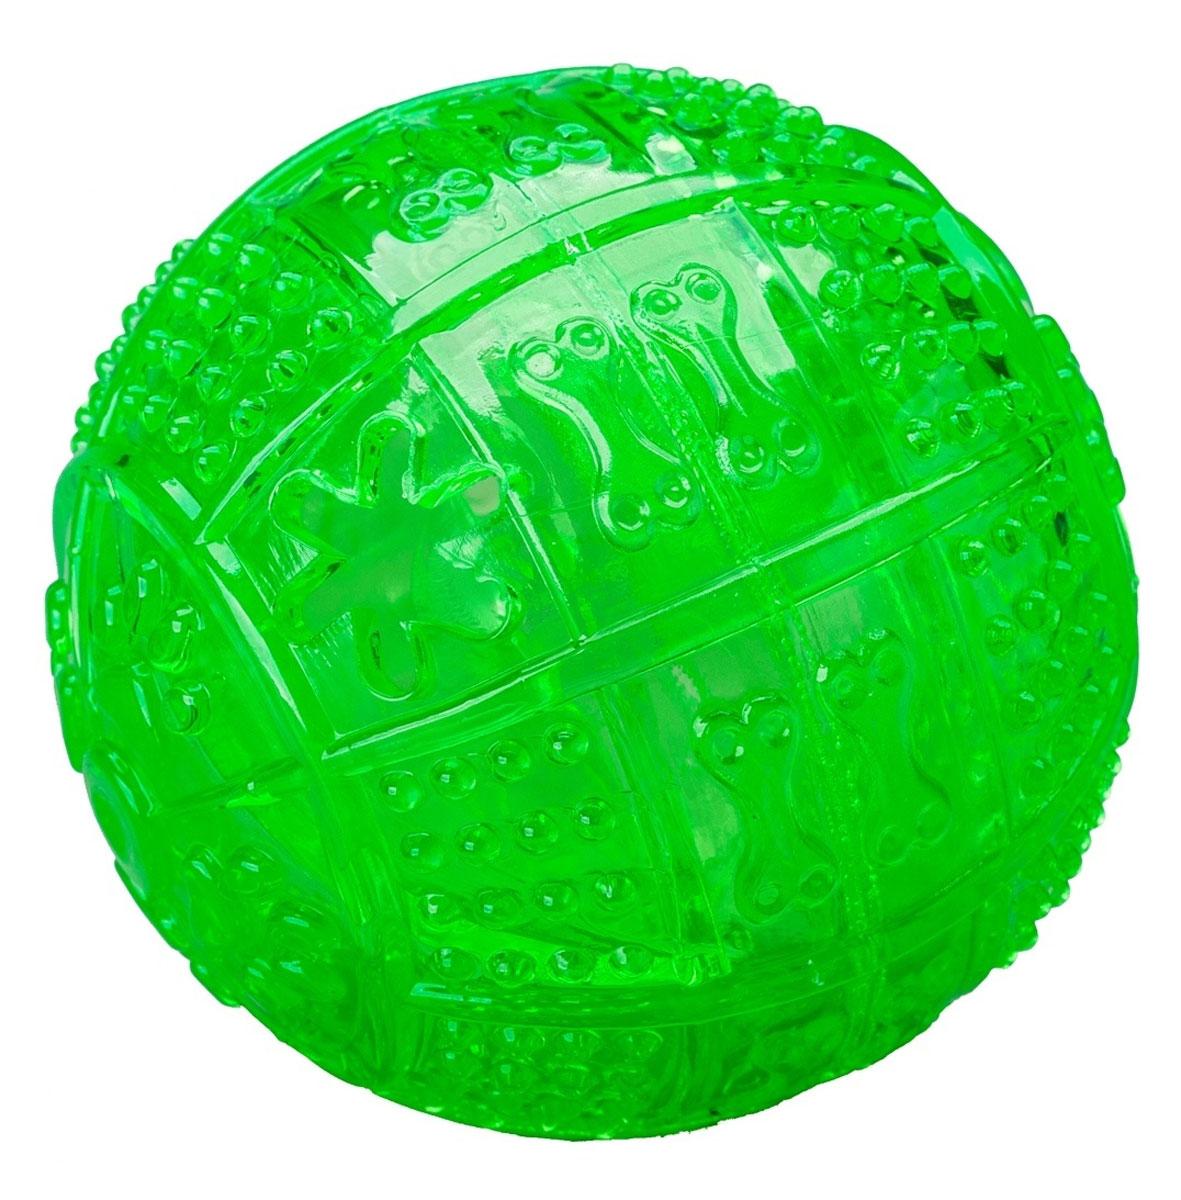 Игрушка для собак Pet Supplies Toby's Choice, цвет: зеленый, диаметр 8,2 см [супермаркет] джингдонг лус сочный кристалл кошачьих туалетов 3 8l pet supplies собак